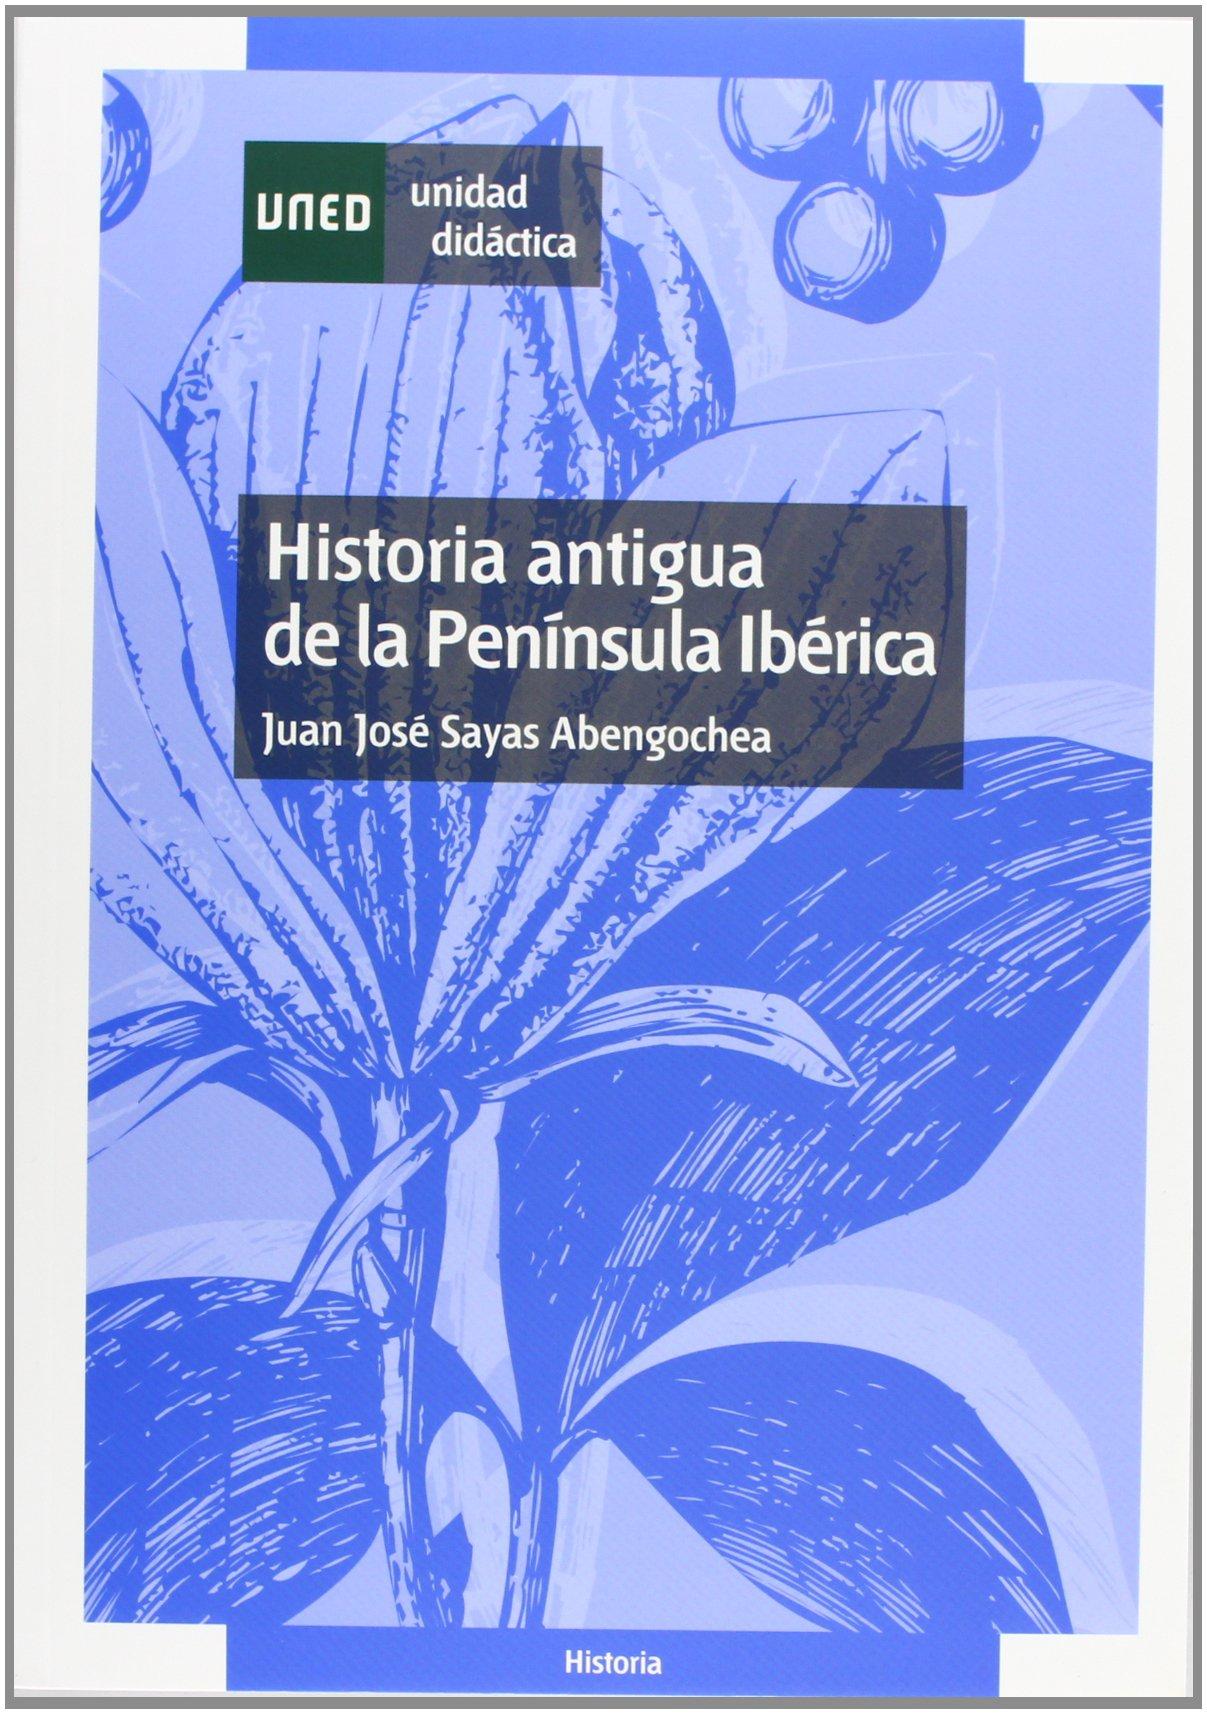 Historia Antigua de La Península Ibérica UNIDAD DIDÁCTICA: Amazon.es: Sayas Abengochea, Juan José: Libros